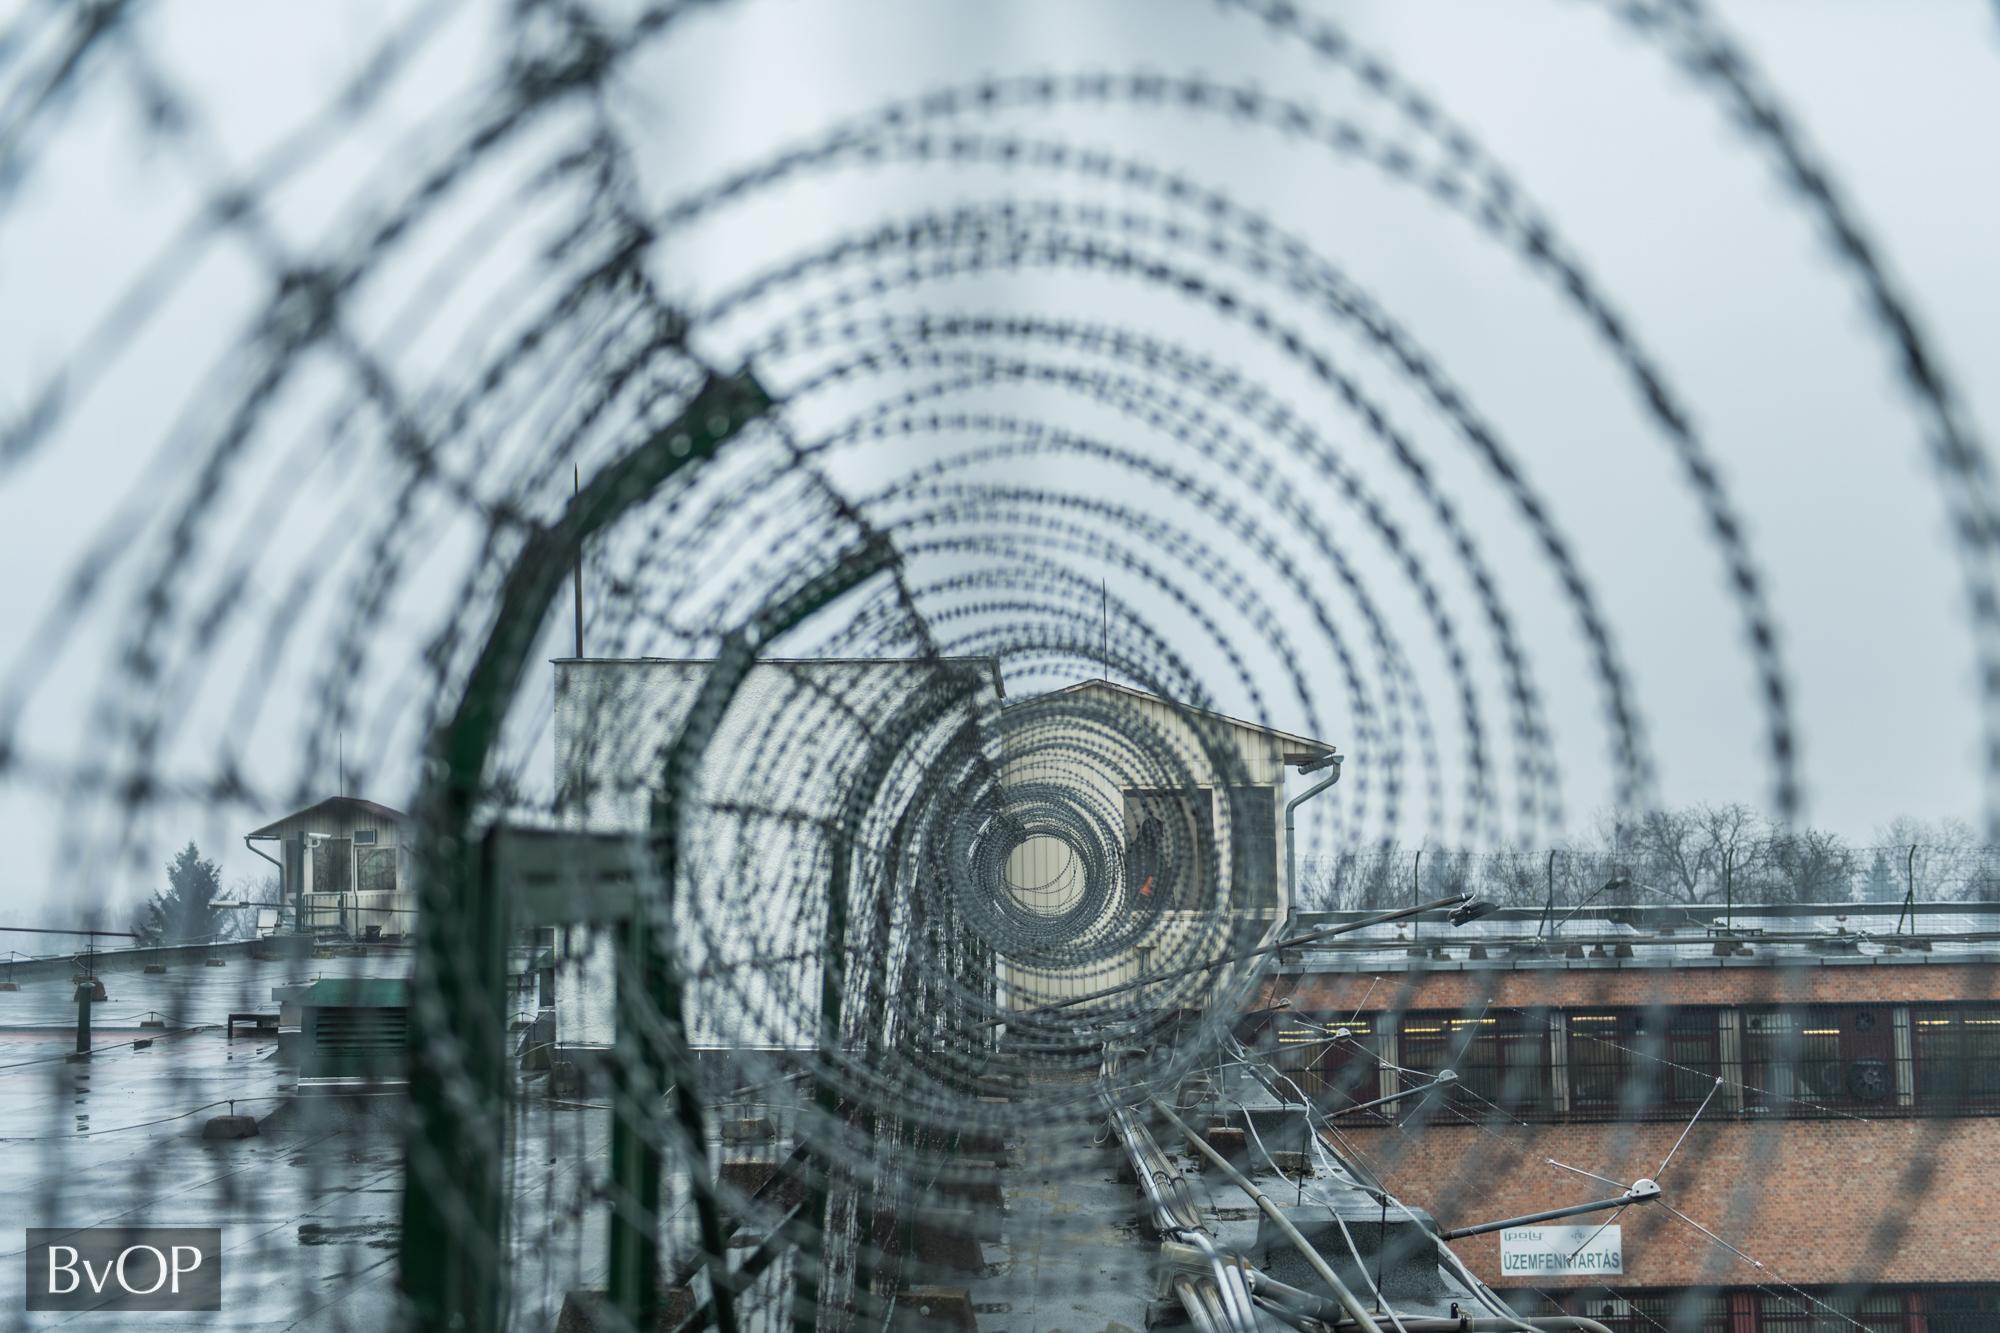 Biztonságtechnikai eszközök a börtön tetején található külső őrhelyen